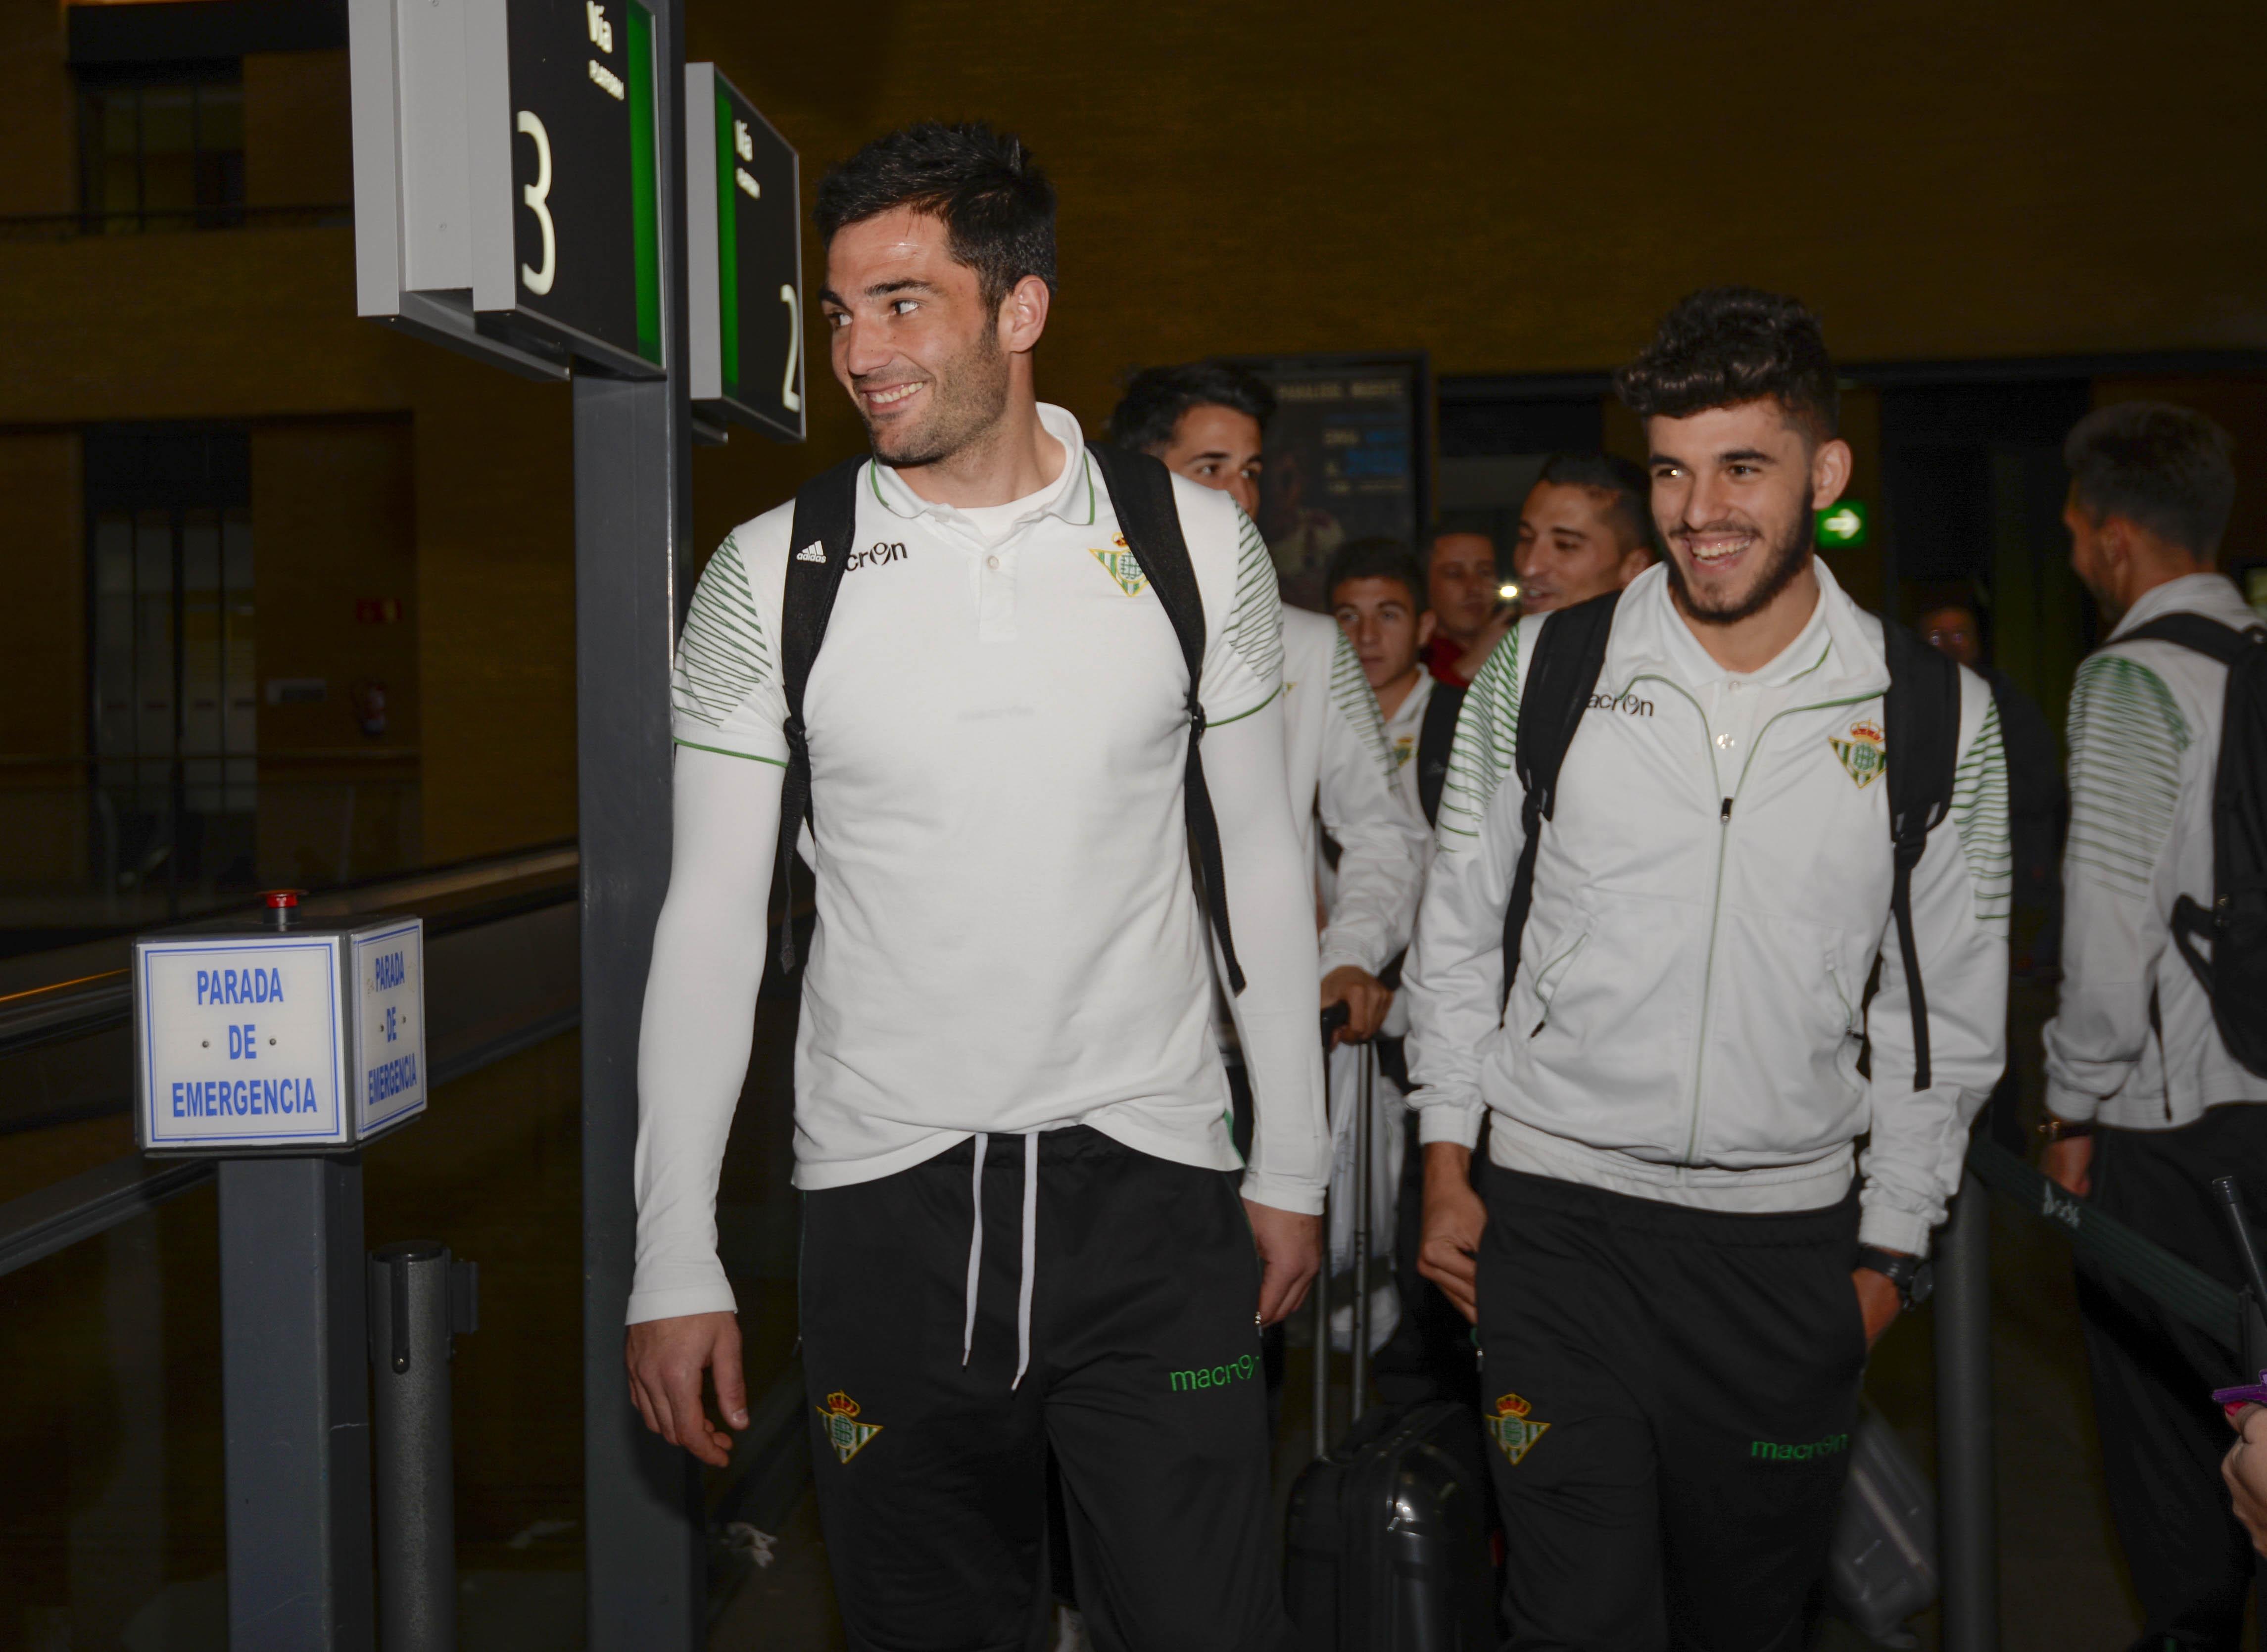 Sevilla 28-2-2015 Salida Real Betis (Santa justa)Adan y Ceballosfot